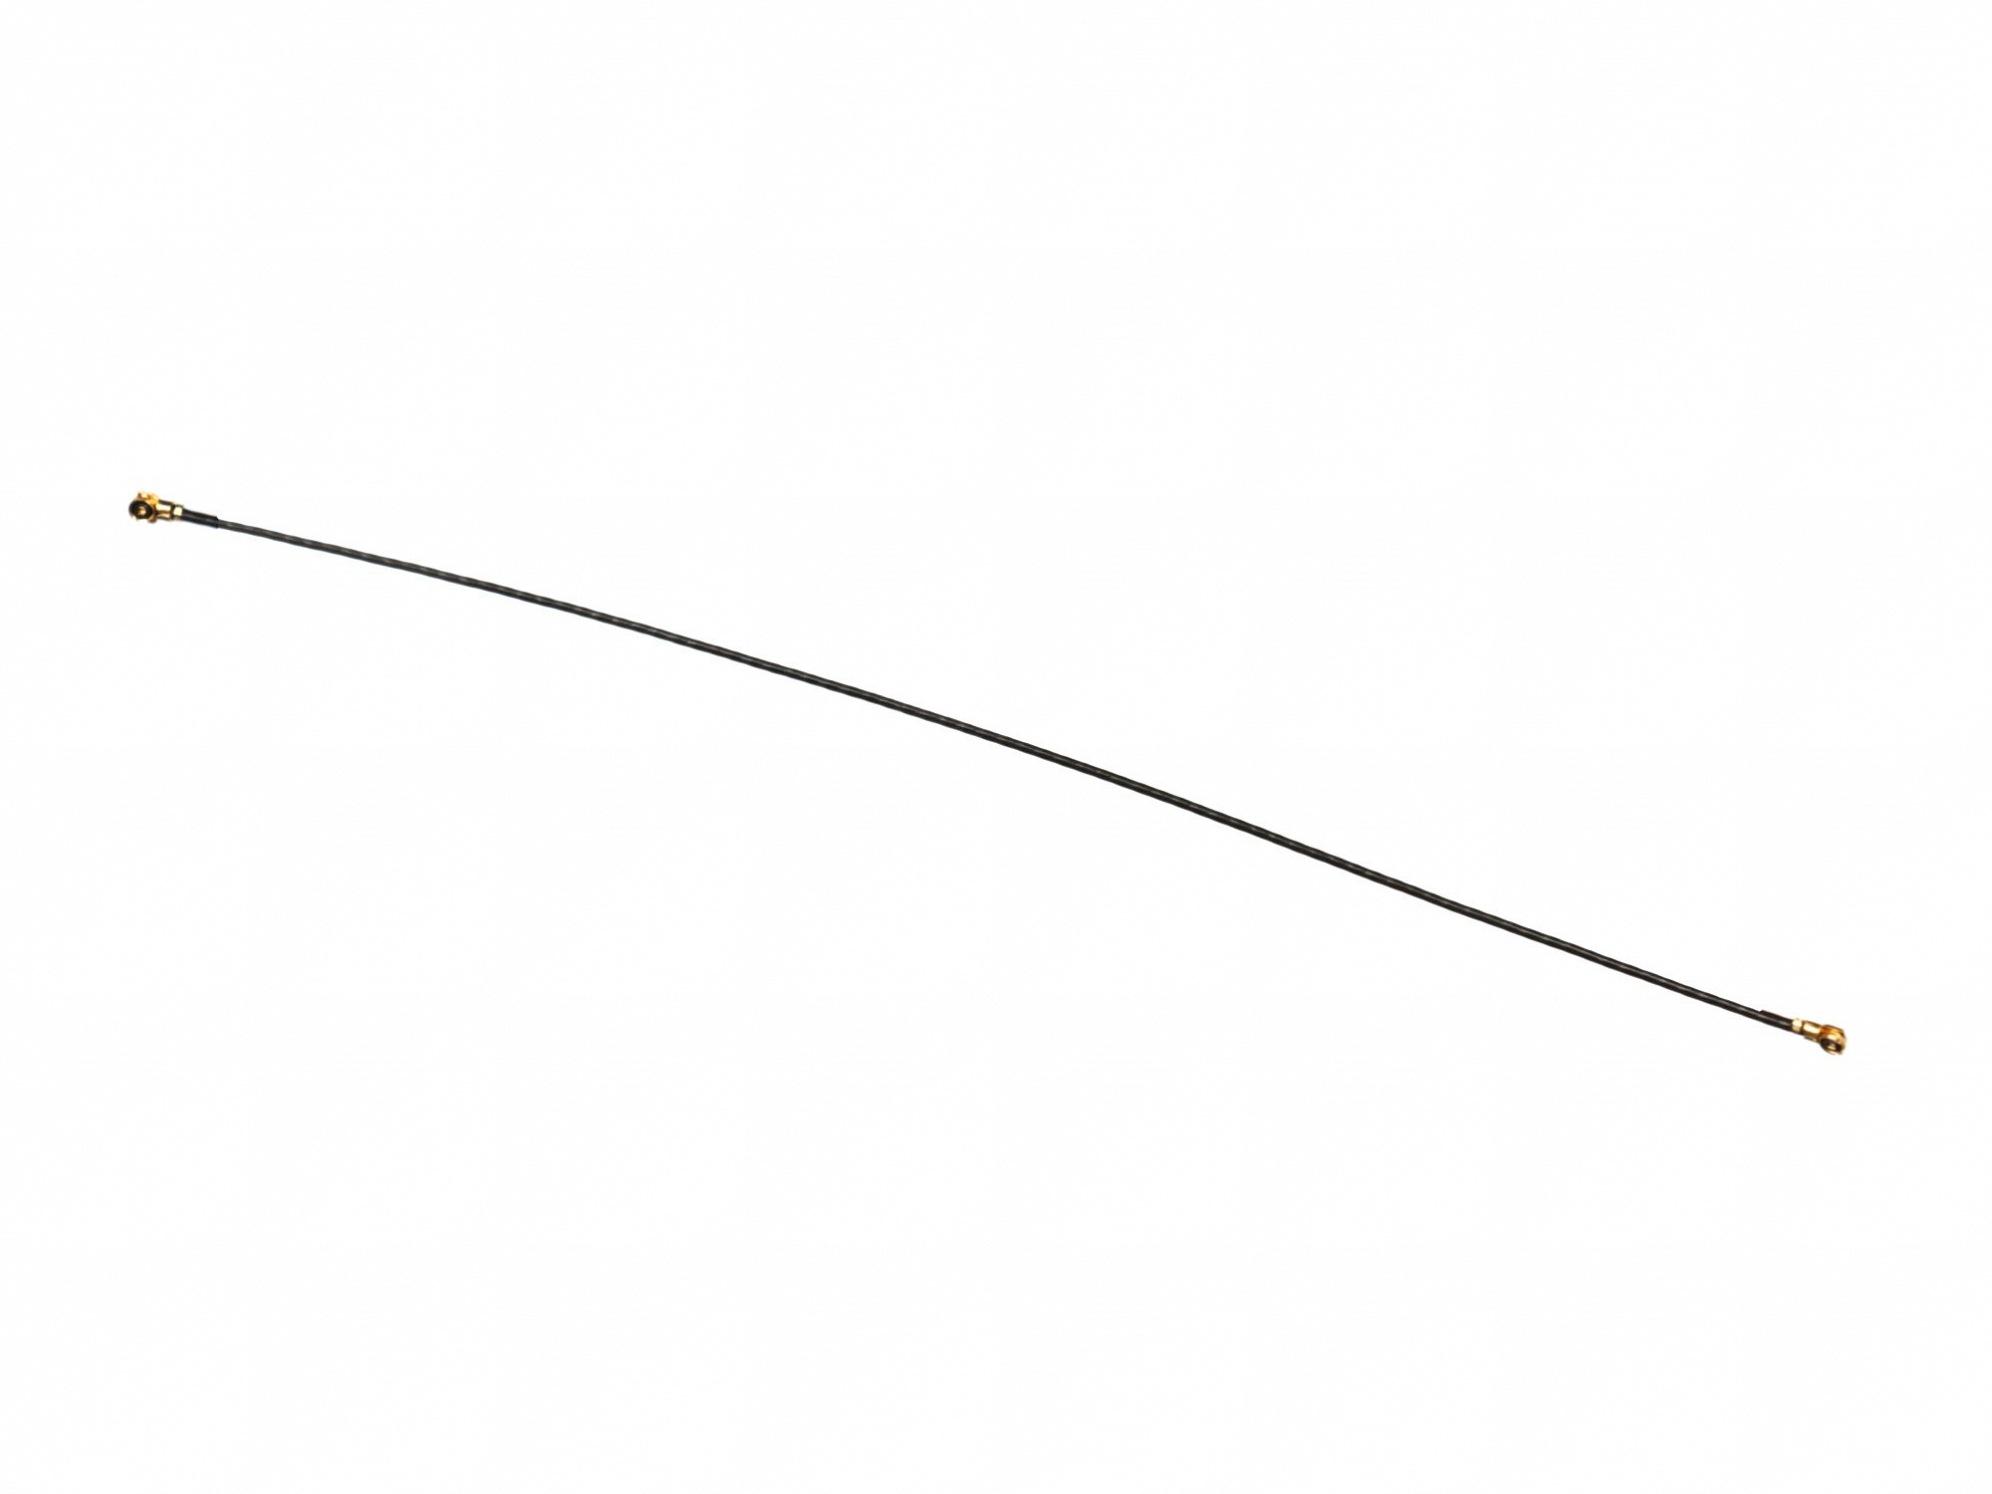 KAZE61 Asus Coaxial Kabel (122mm)